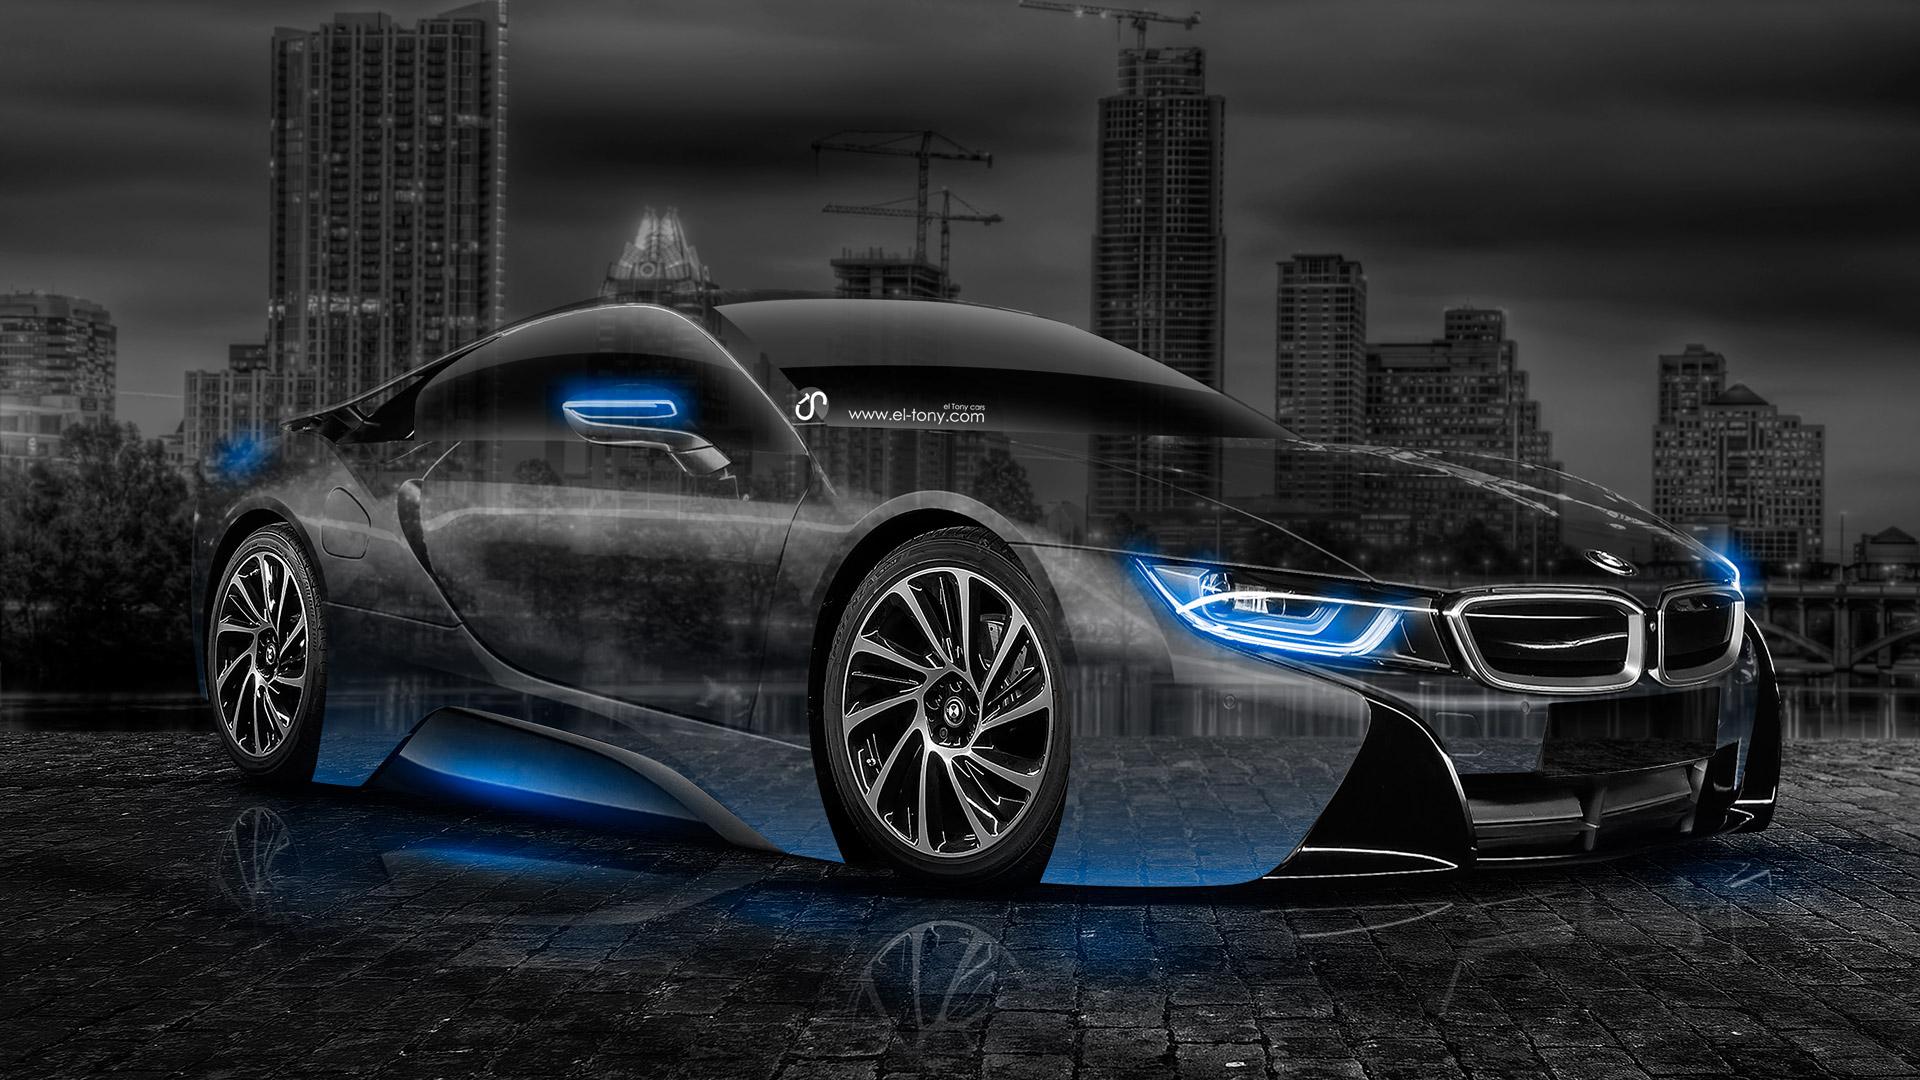 BMW i8 Wallpaper 4K - WallpaperSafari